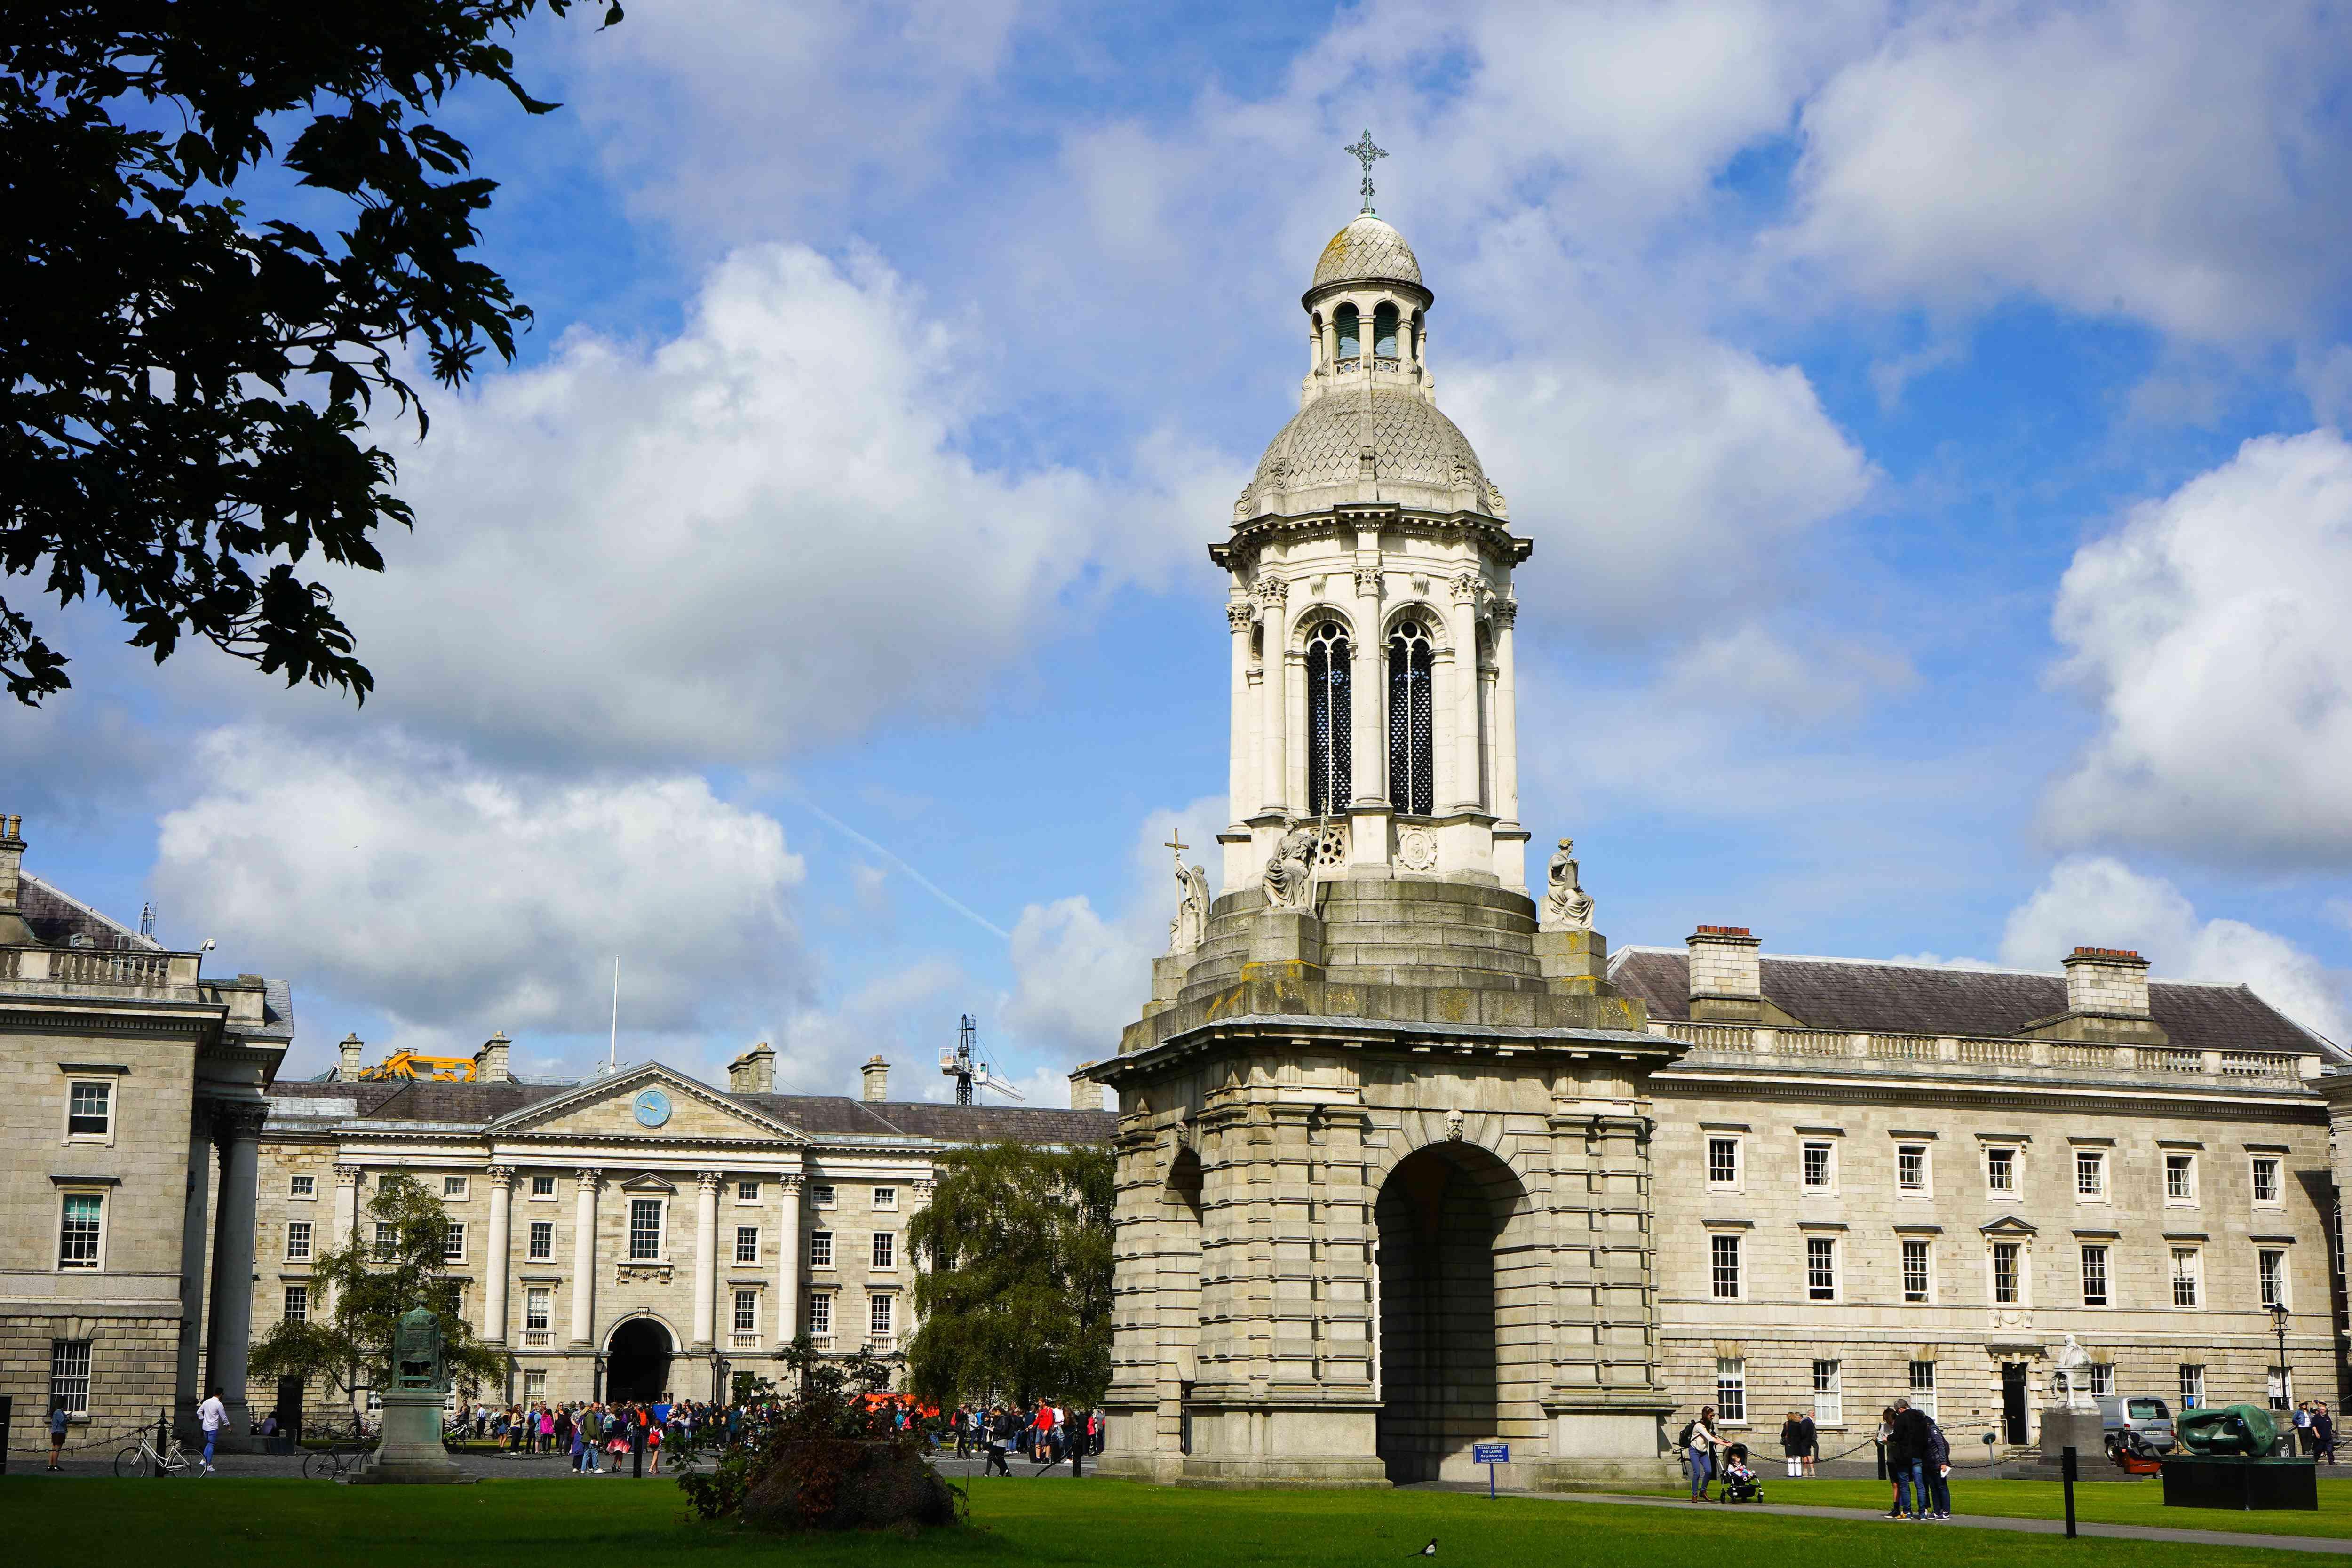 Trinity College in Dublin, Ireleand